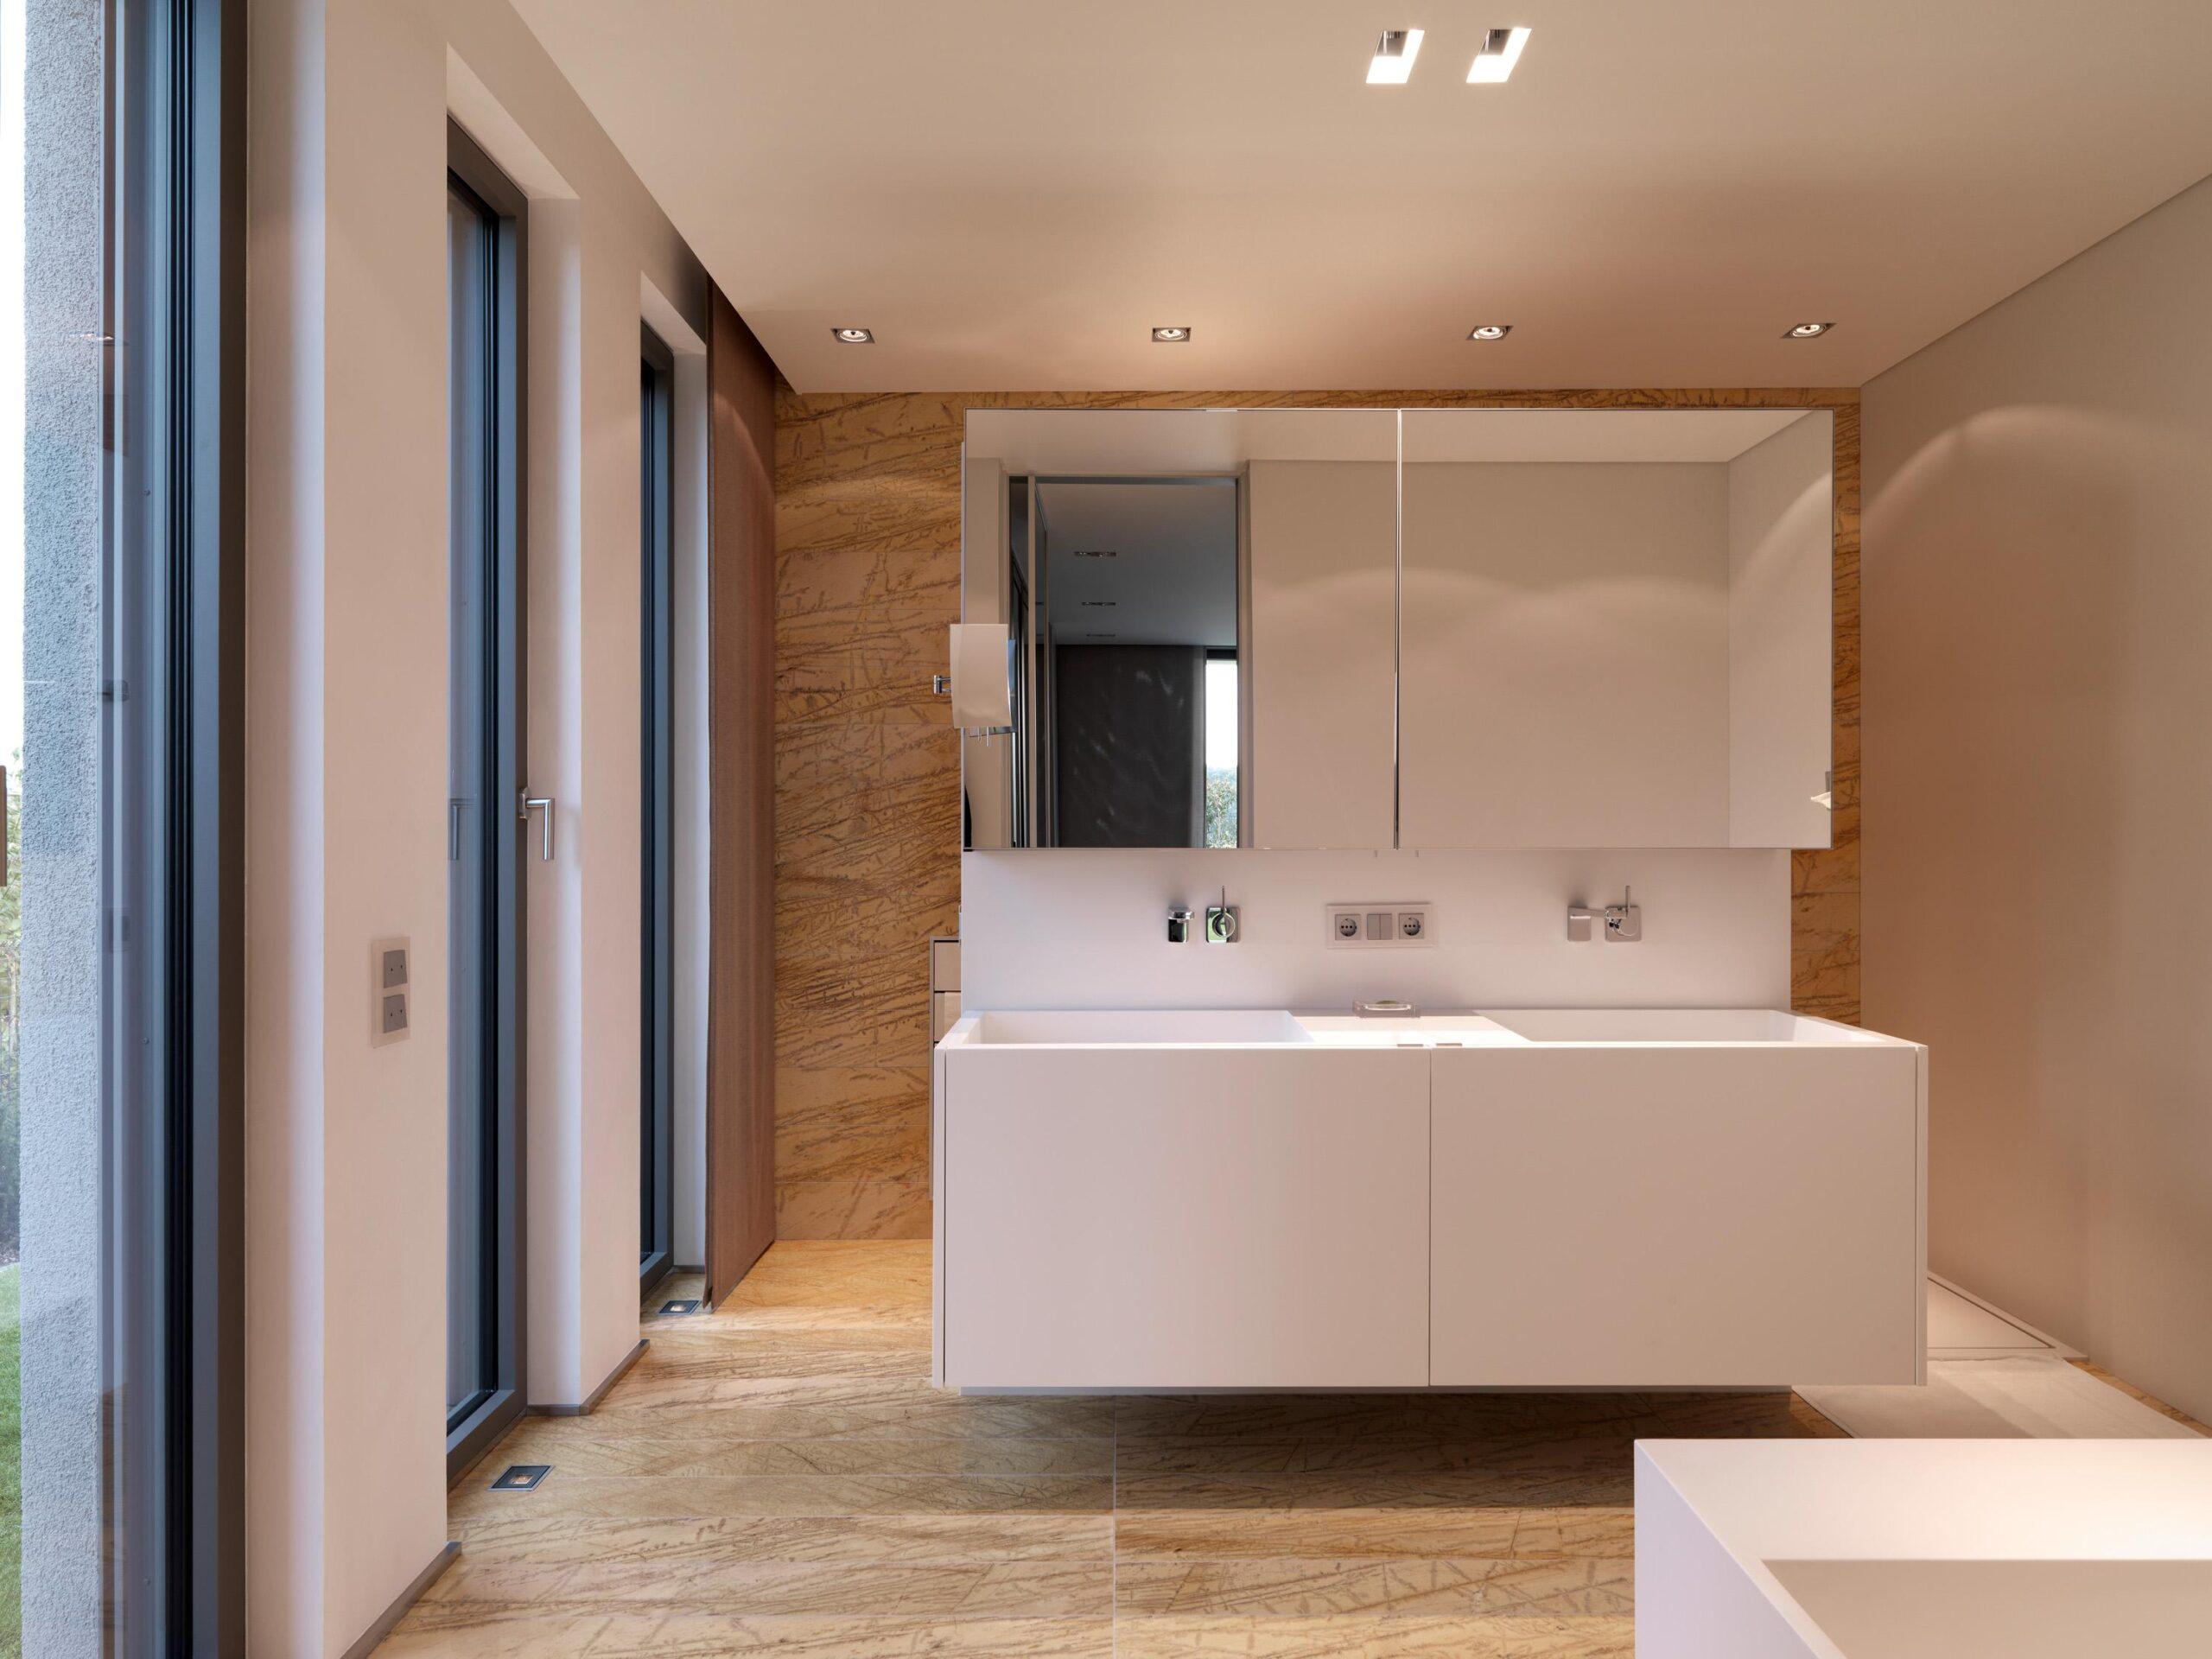 Full Size of Freistehende Küchen Kche Bilder Ideen Couch Regal Küche Wohnzimmer Freistehende Küchen